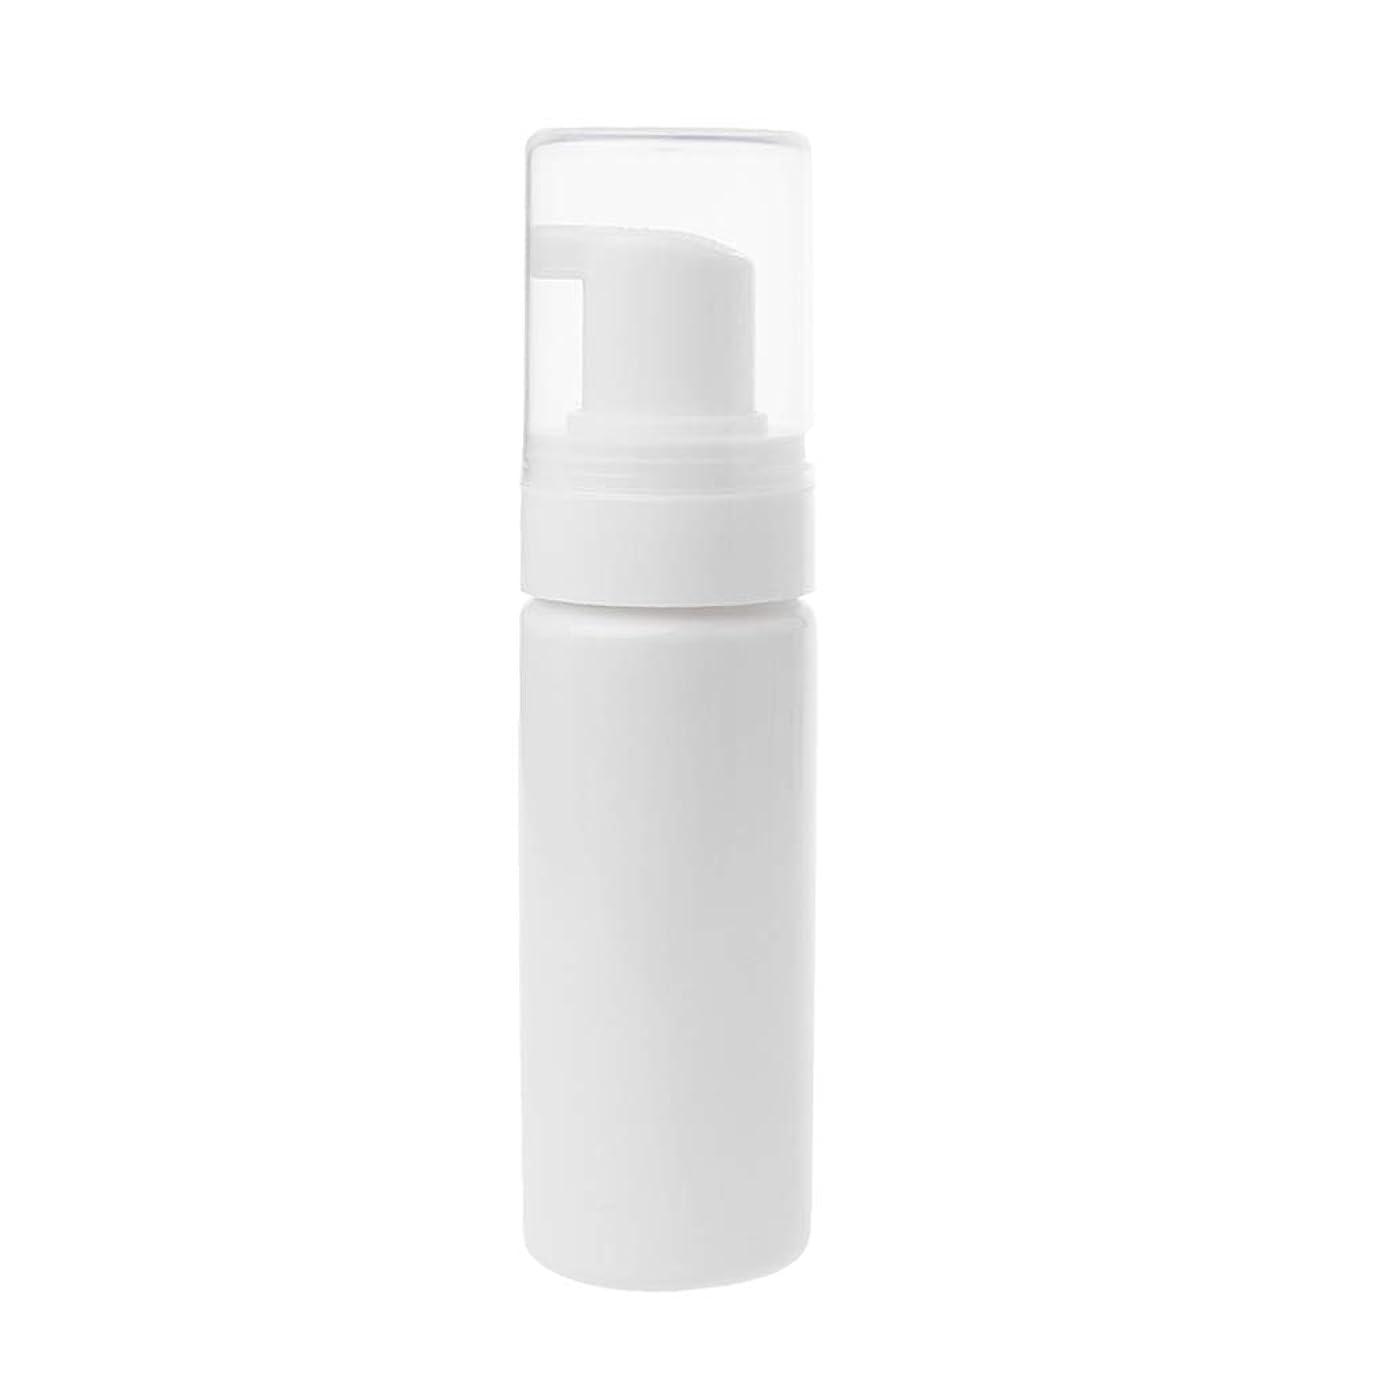 品揃え集計エレベーターDabixx クリーニング旅行のための50ml空の泡立つびん旅行石鹸の液体の泡のびん - A#